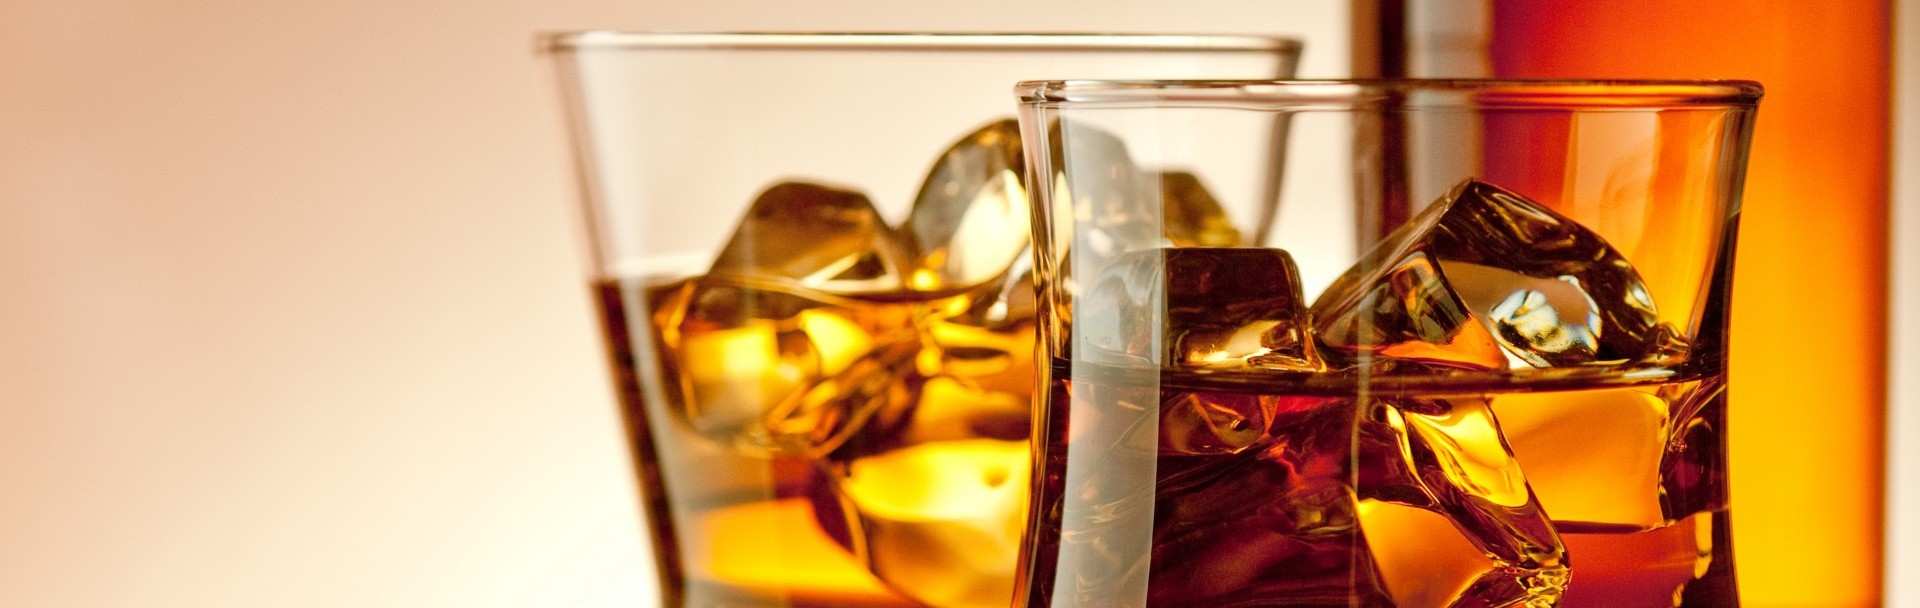 Алкогольні  та слабоалкогольні напої